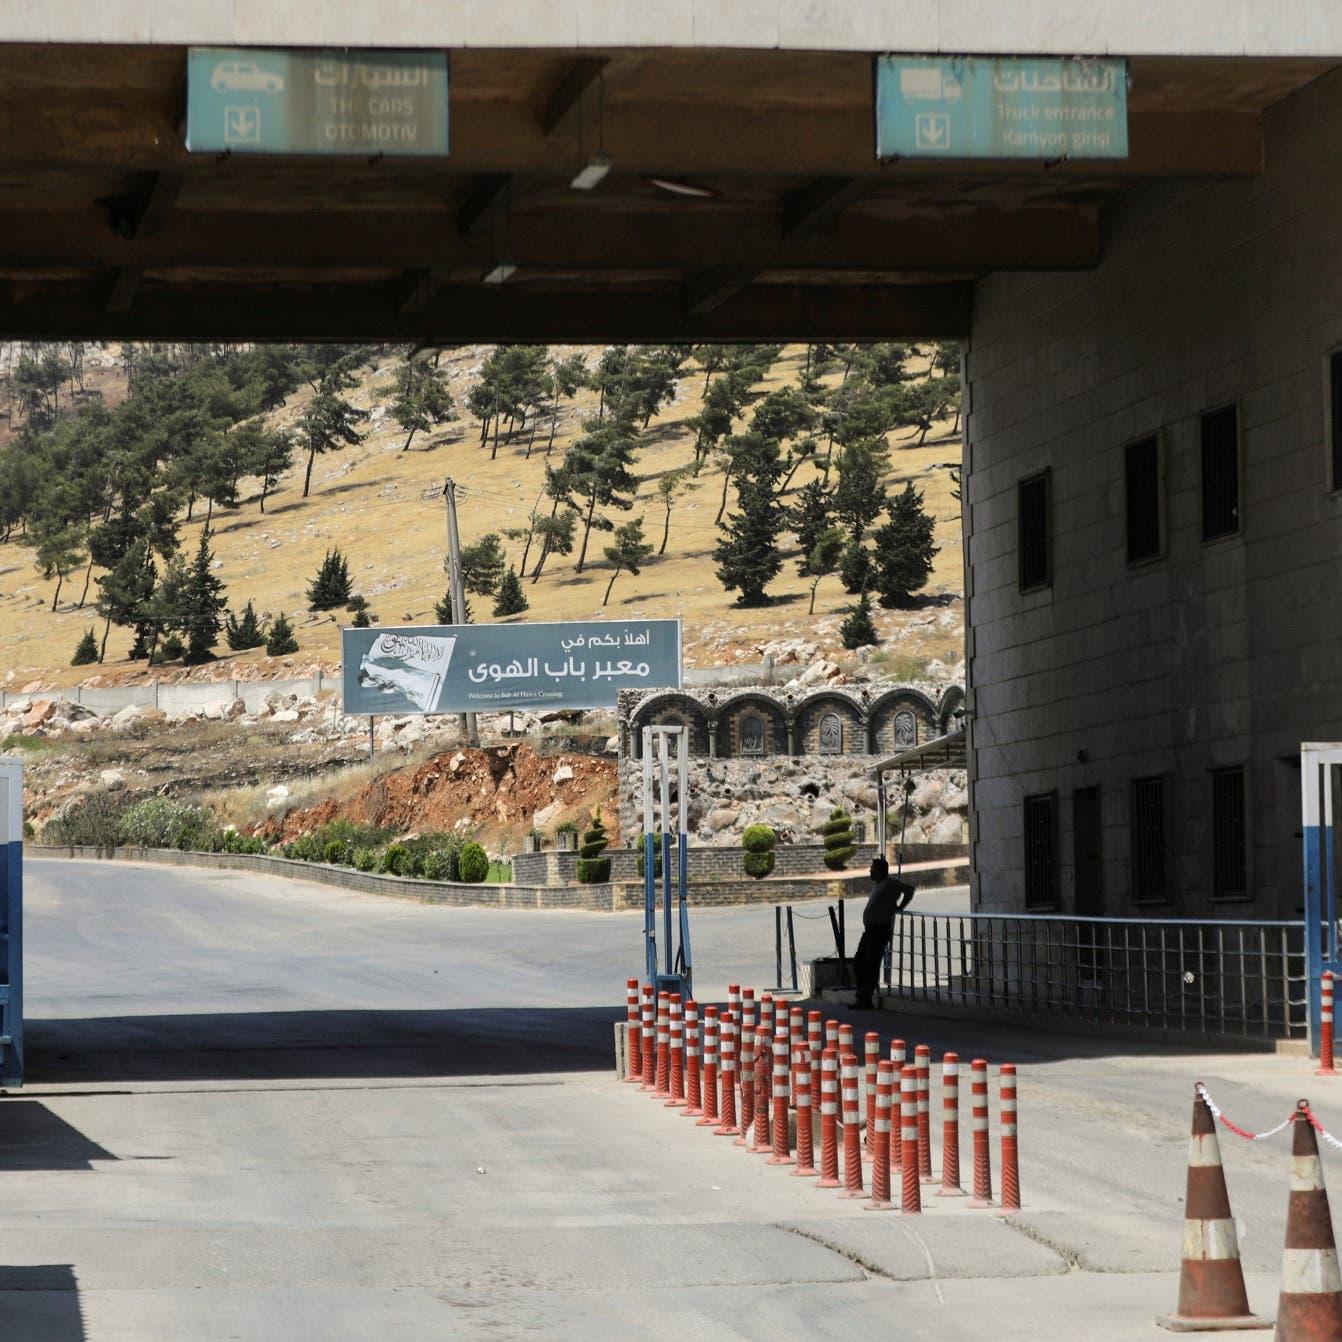 روسيا ترفض توصيل المساعدات من العراق لشمال شرقي سوريا